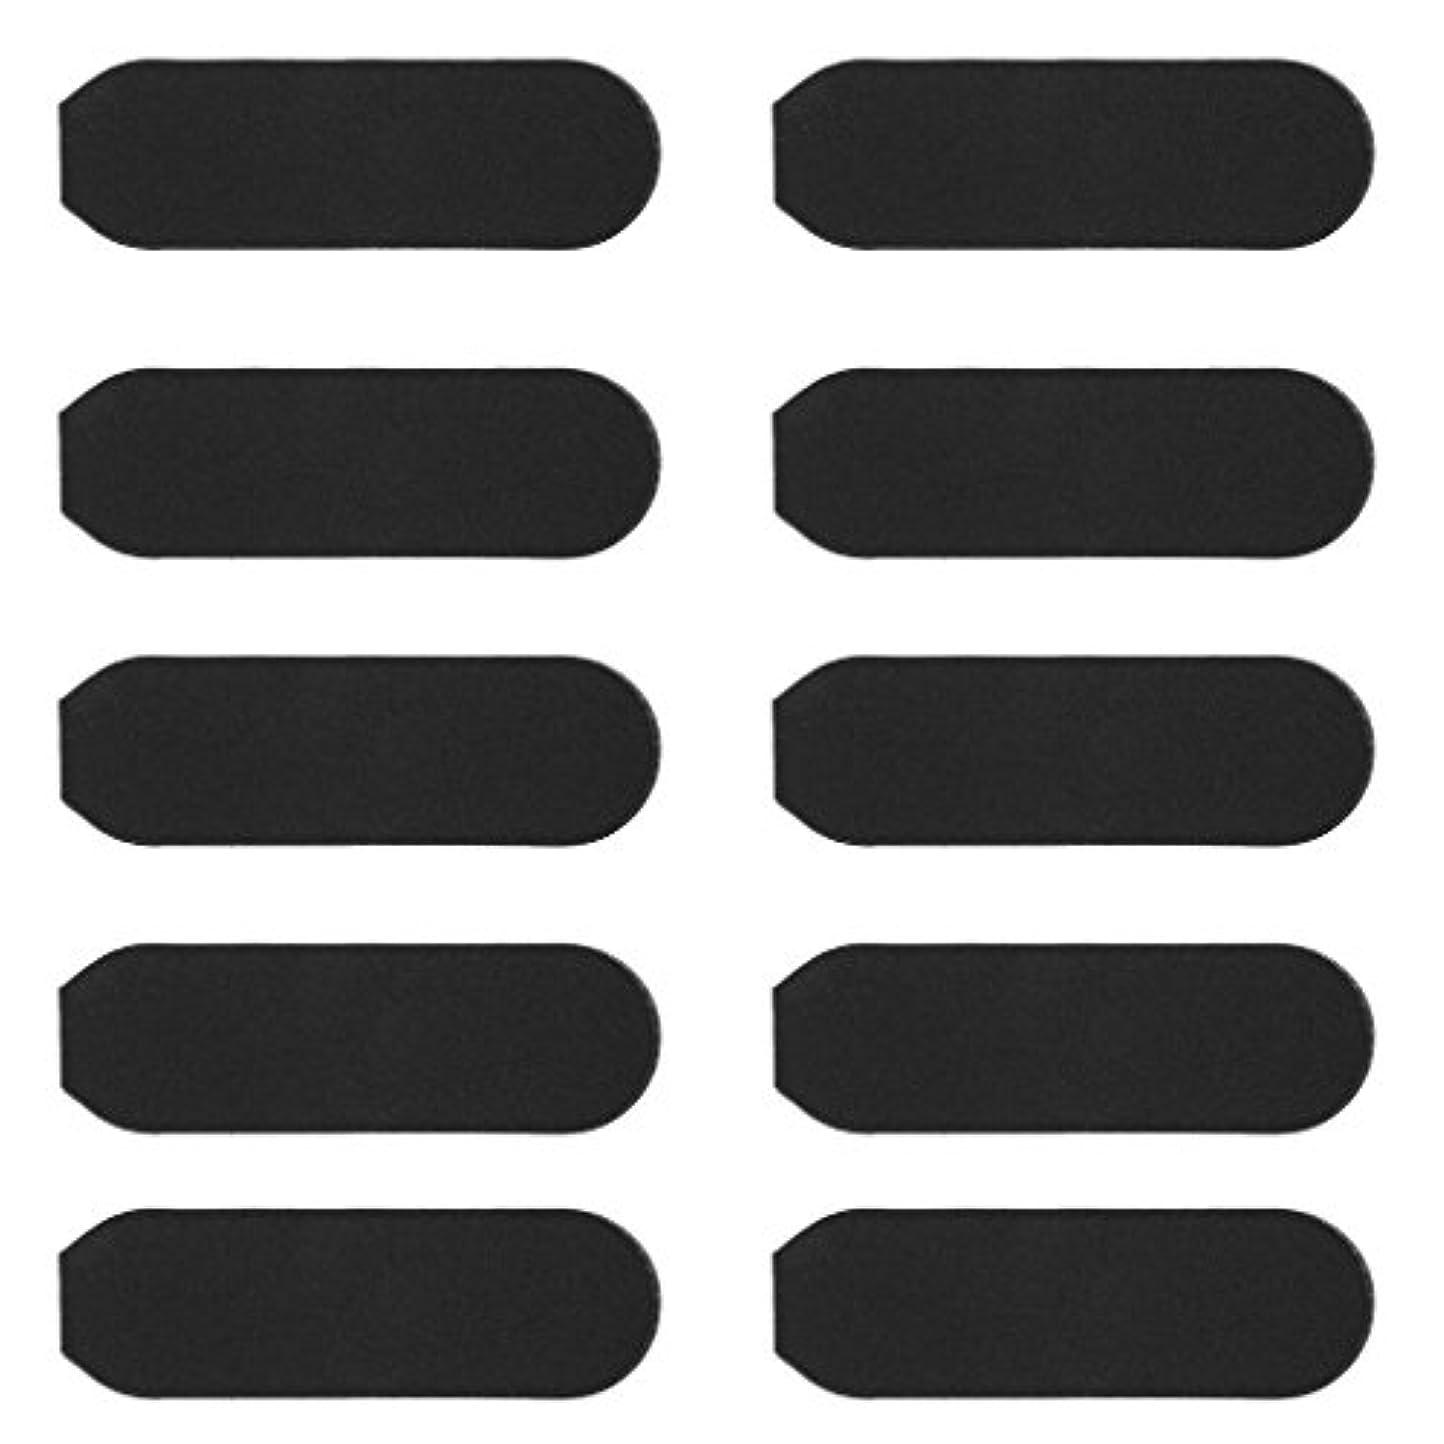 前述のマウントバンク曇ったCUTICATE 10枚 自己接着 ペディキュア フットサンディング 角質 リムーバー デッド スキンリムーバー